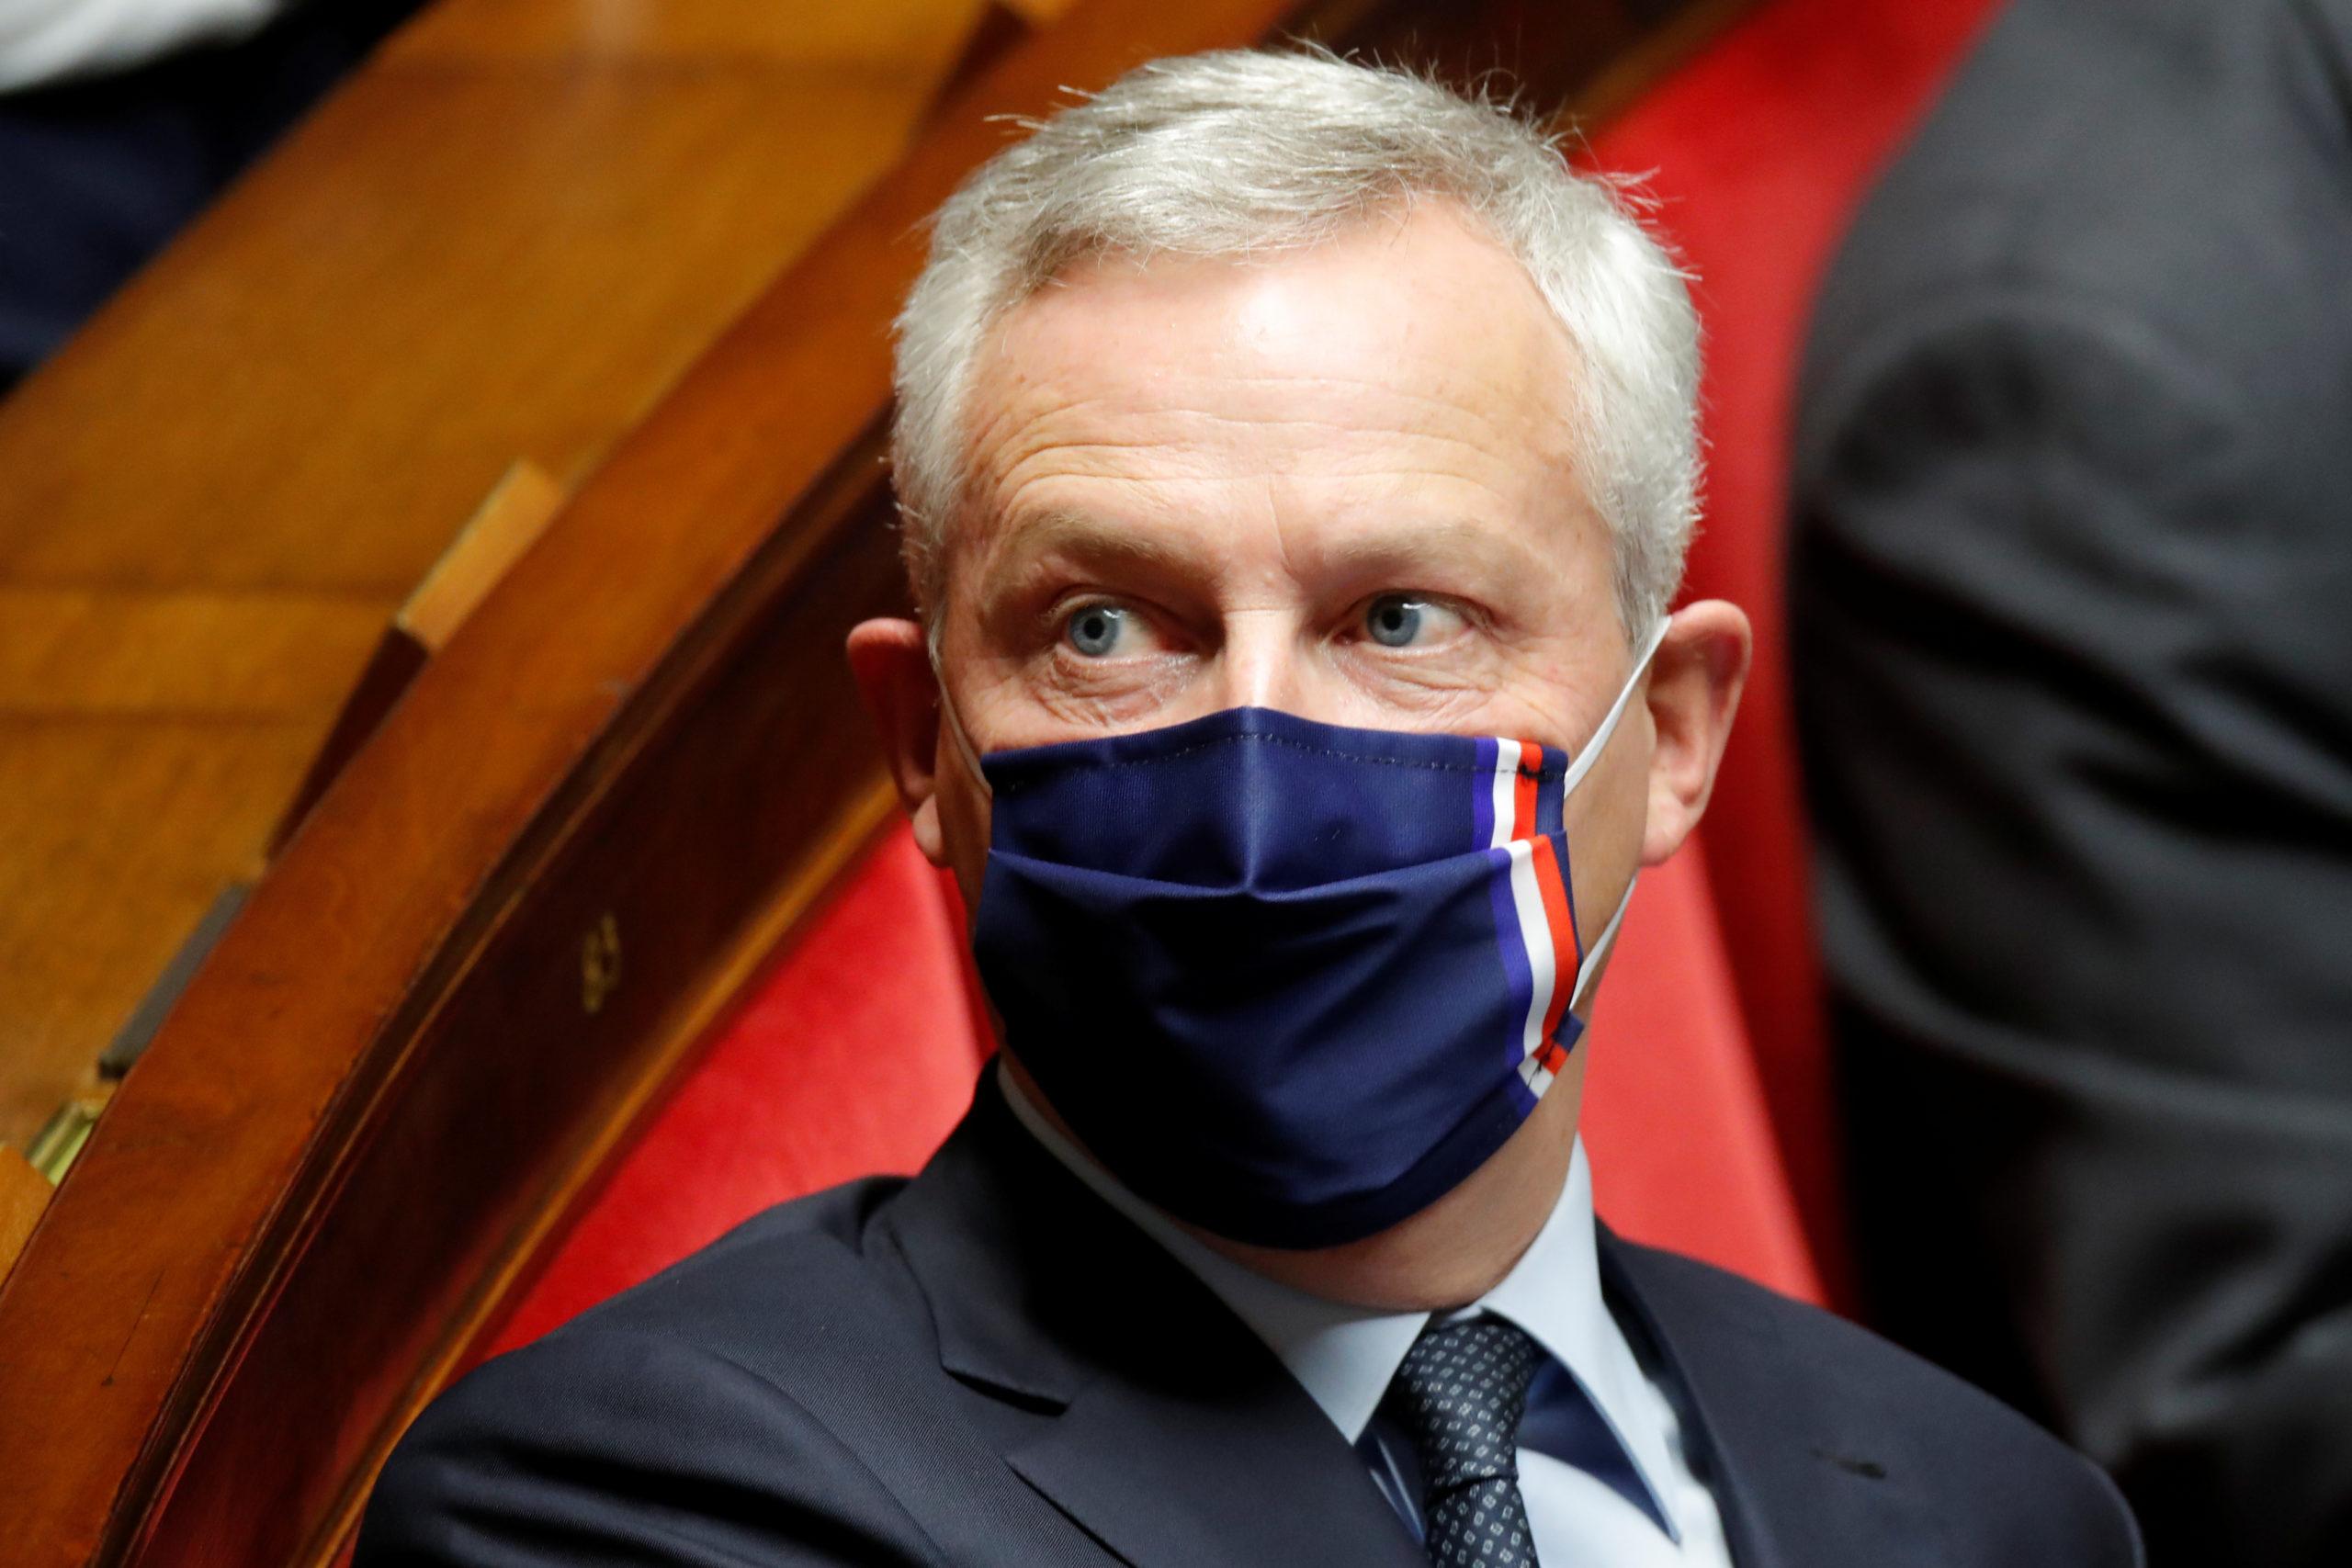 Bruno Le Maire annonce qu'il a été testé positif au coronavirus, aucun symptôme